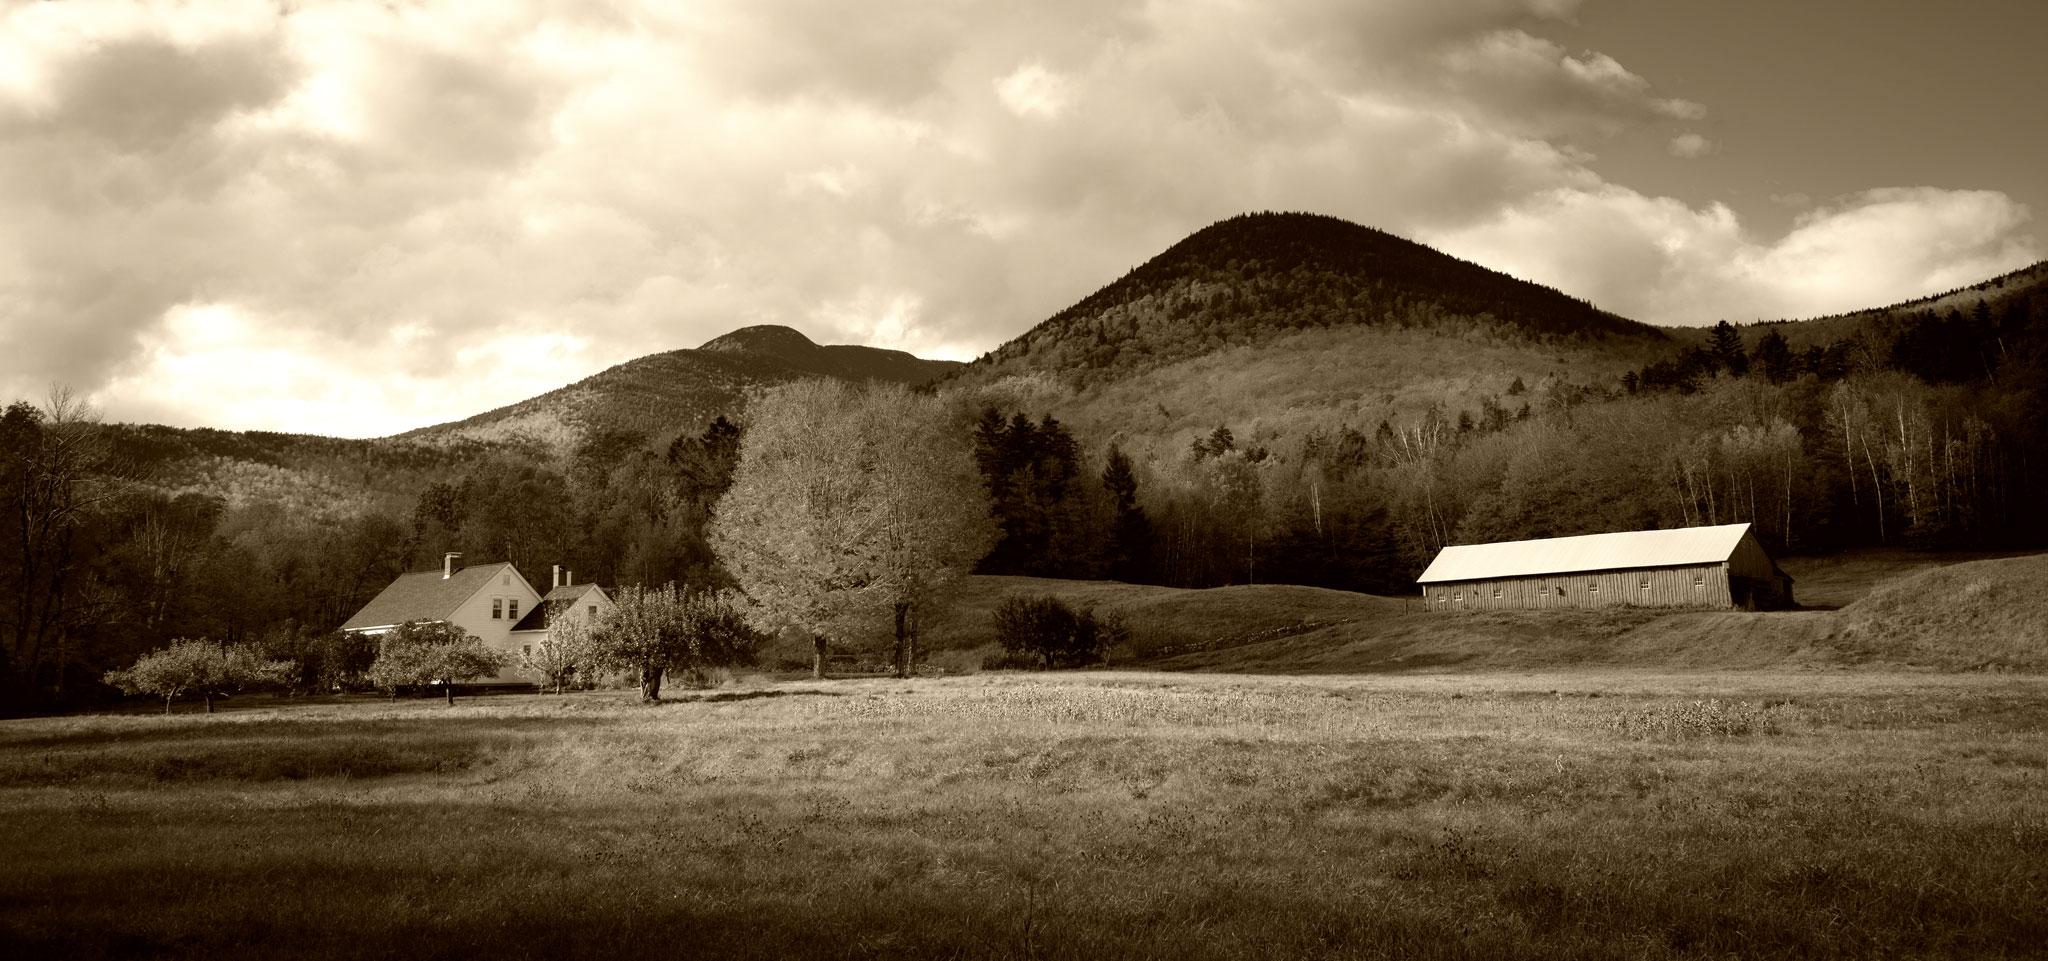 Une ferme dans la campagne américaine